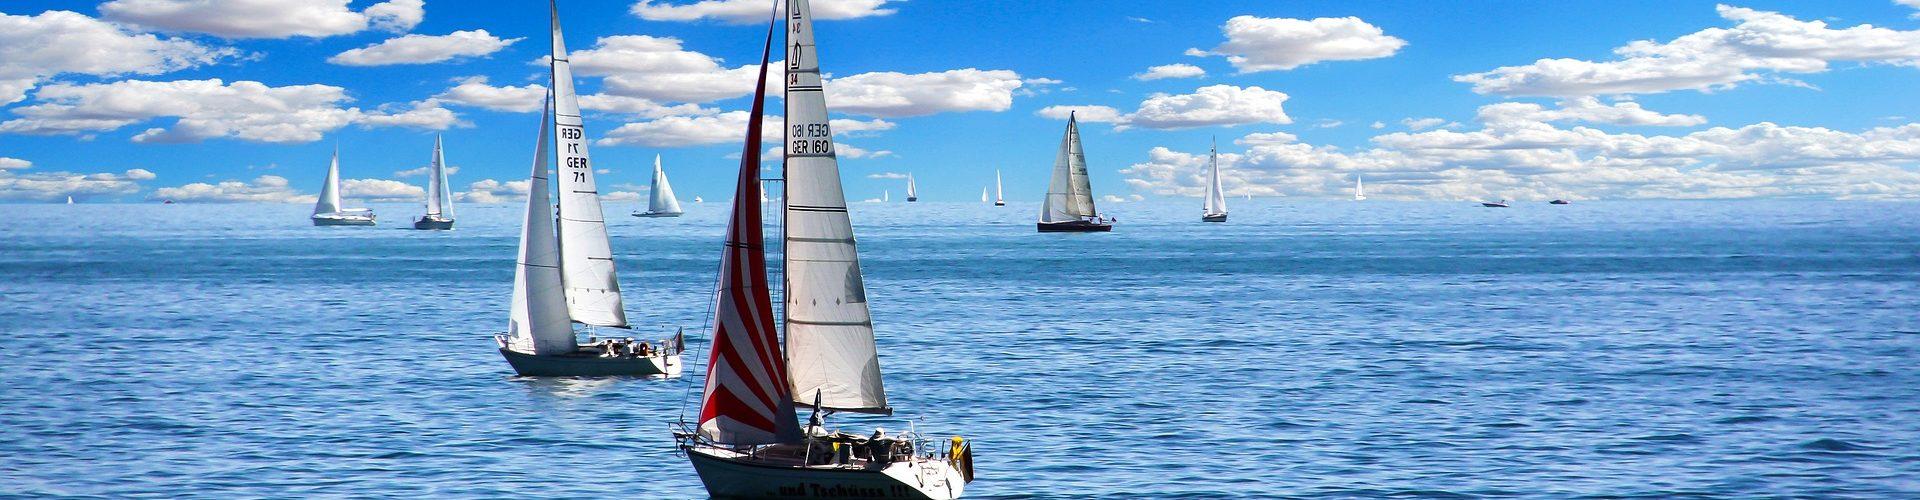 segeln lernen in Mettmann segelschein machen in Mettmann 1920x500 - Segeln lernen in Mettmann